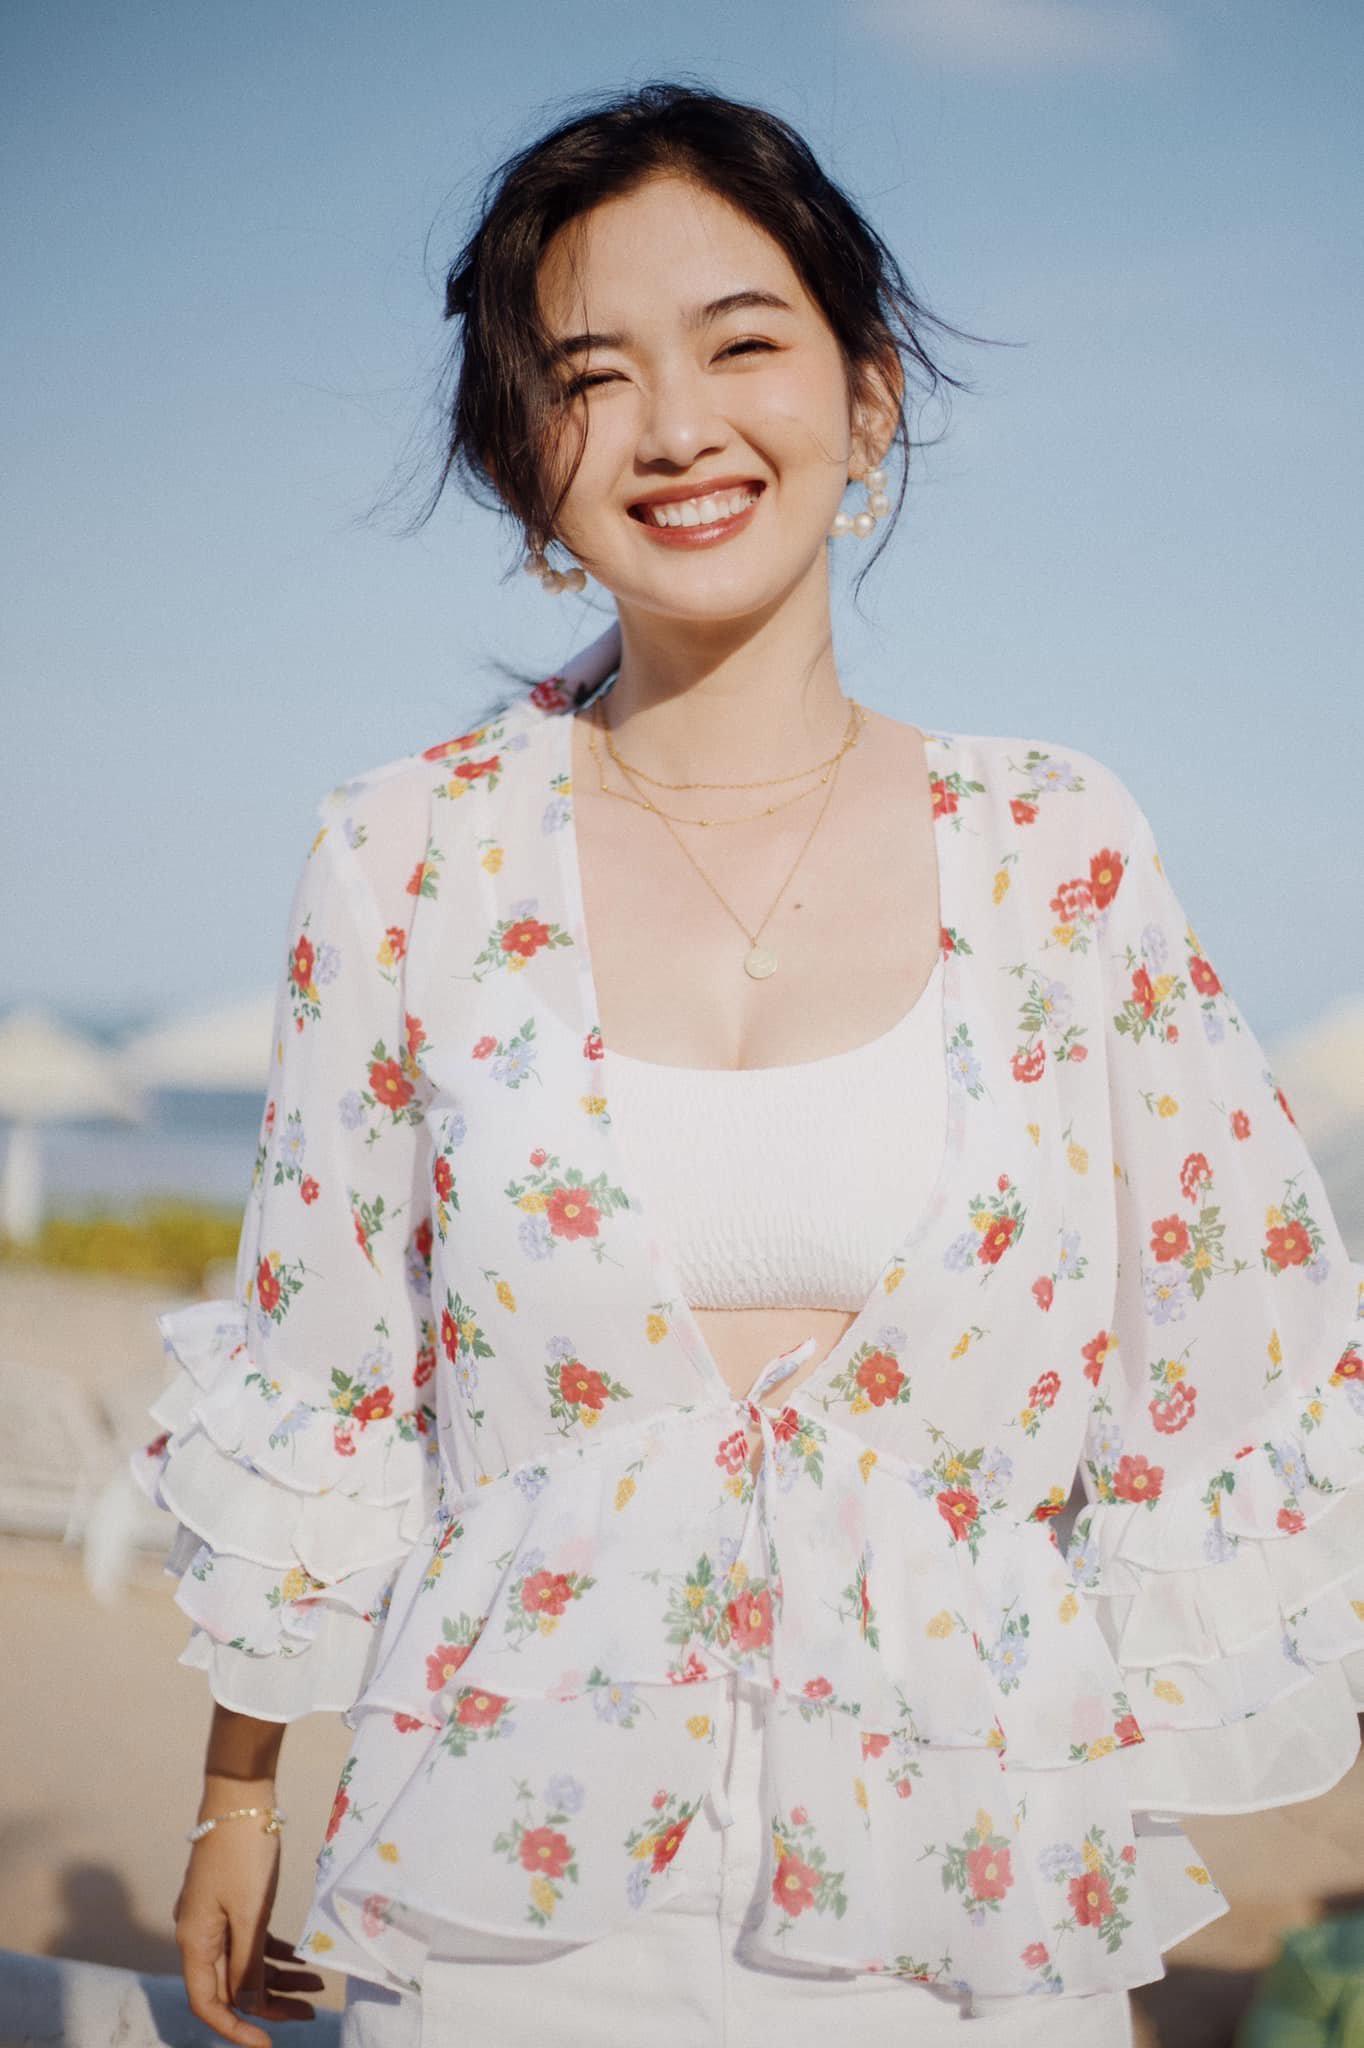 Nữ sinh RMIT sở hữu vẻ đẹp thanh thoát và nụ cười tỏa nắng - 1